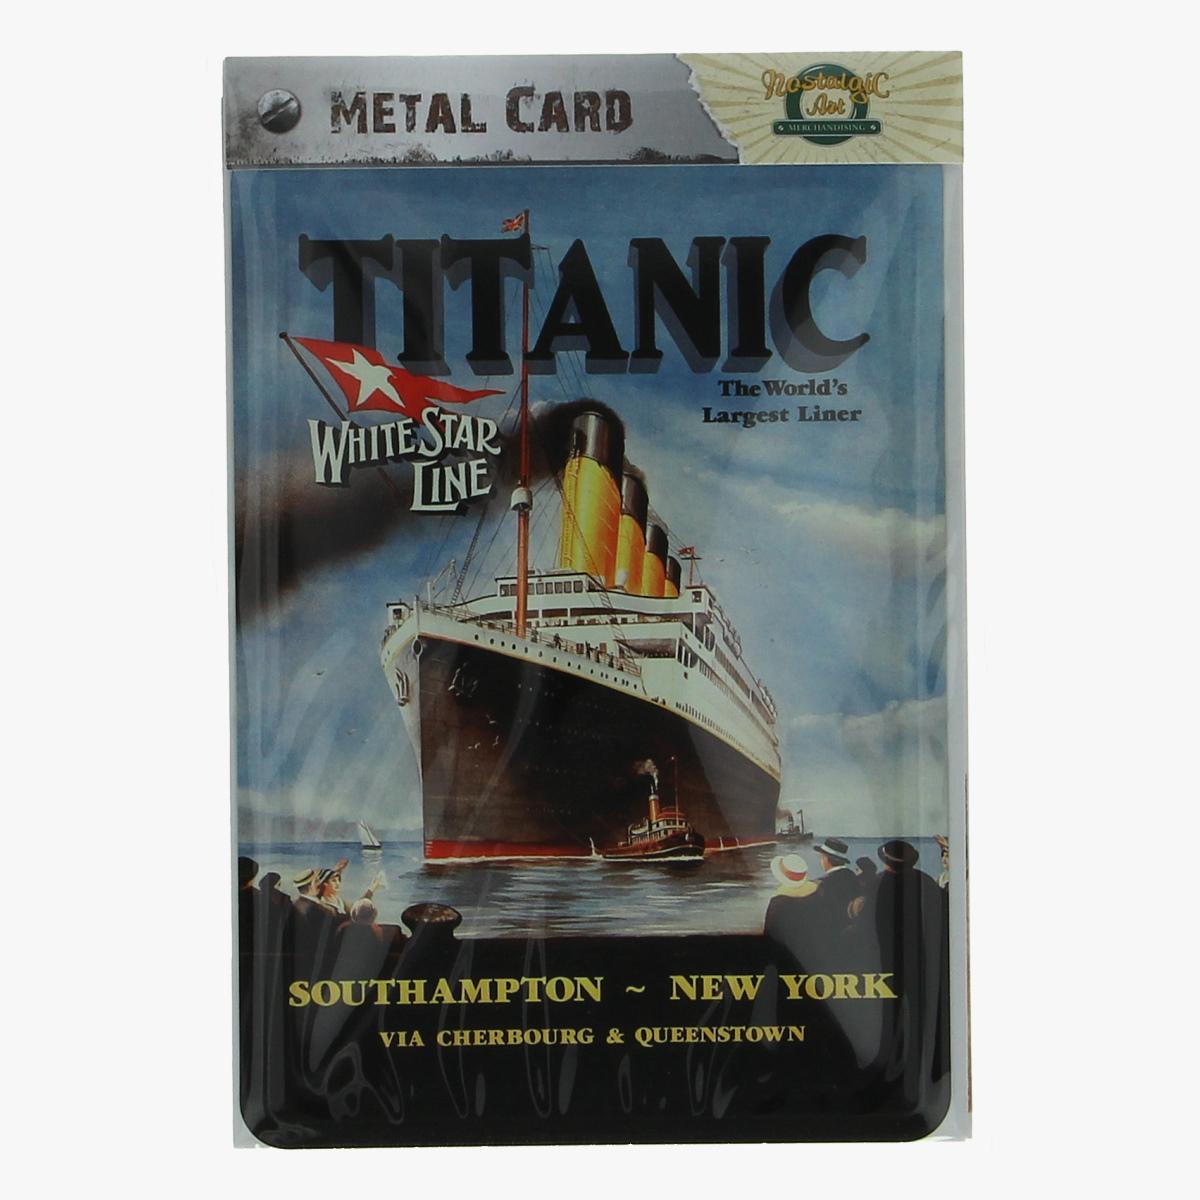 Afbeeldingen van metal card titanic